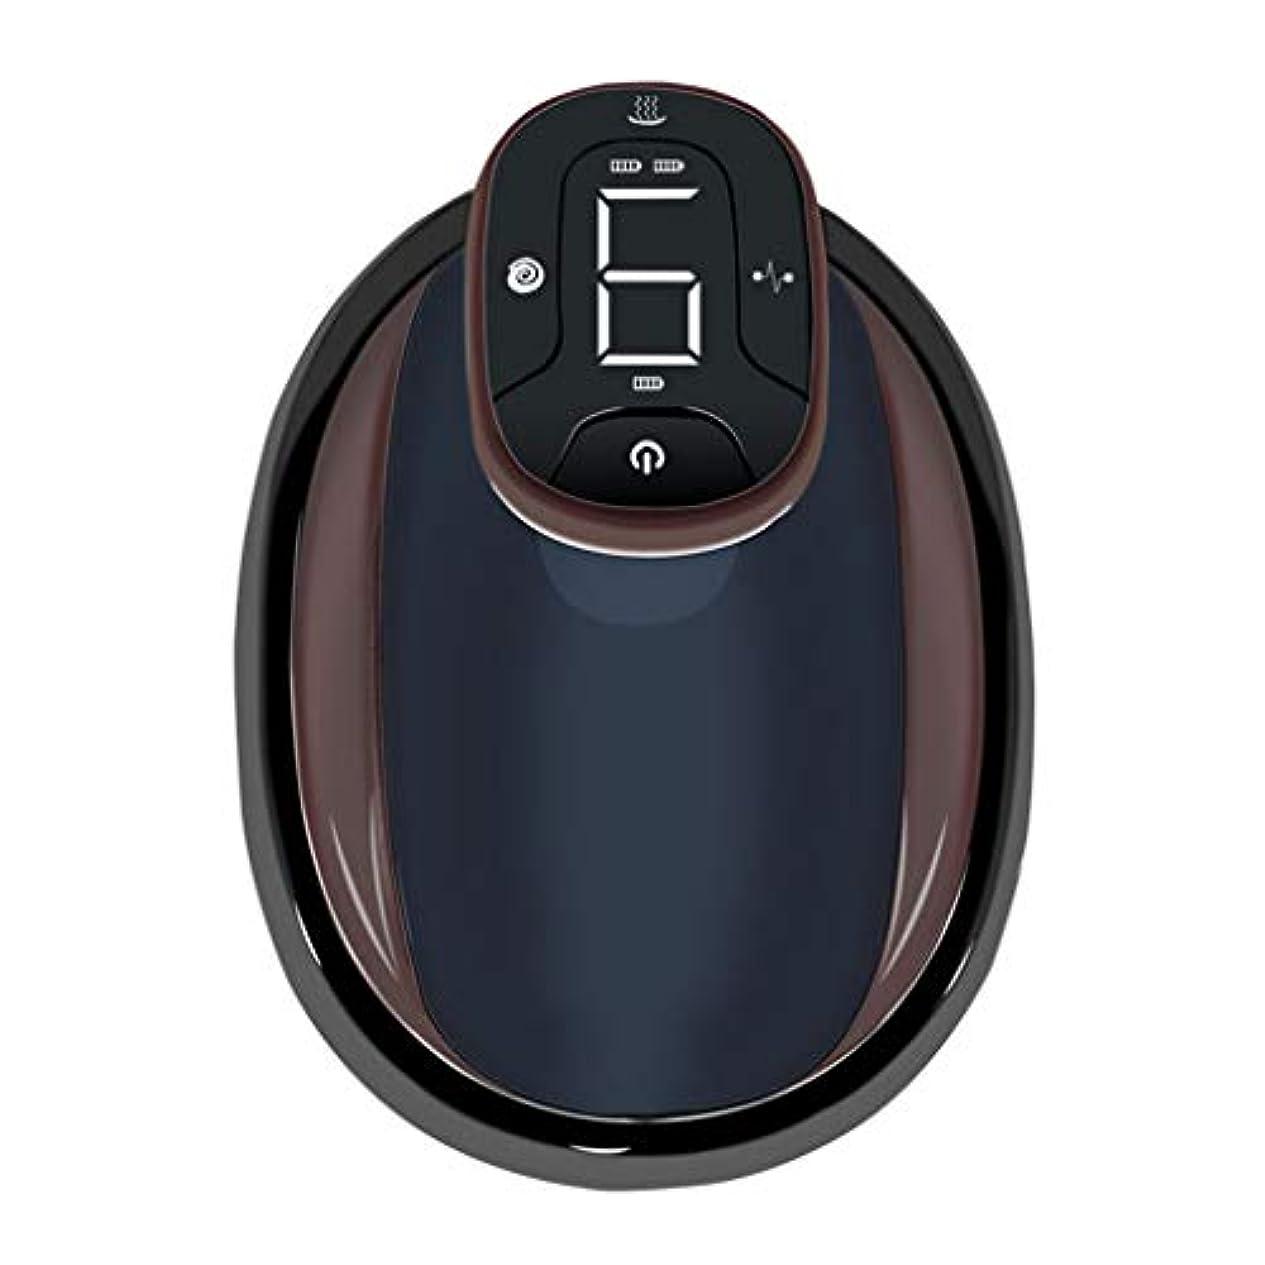 微生物詩夜間電動スクレーピングマッサージ、USBネガティブメリディアンマッサージ、バック&ボディウエストレッグマッサージ用,黒